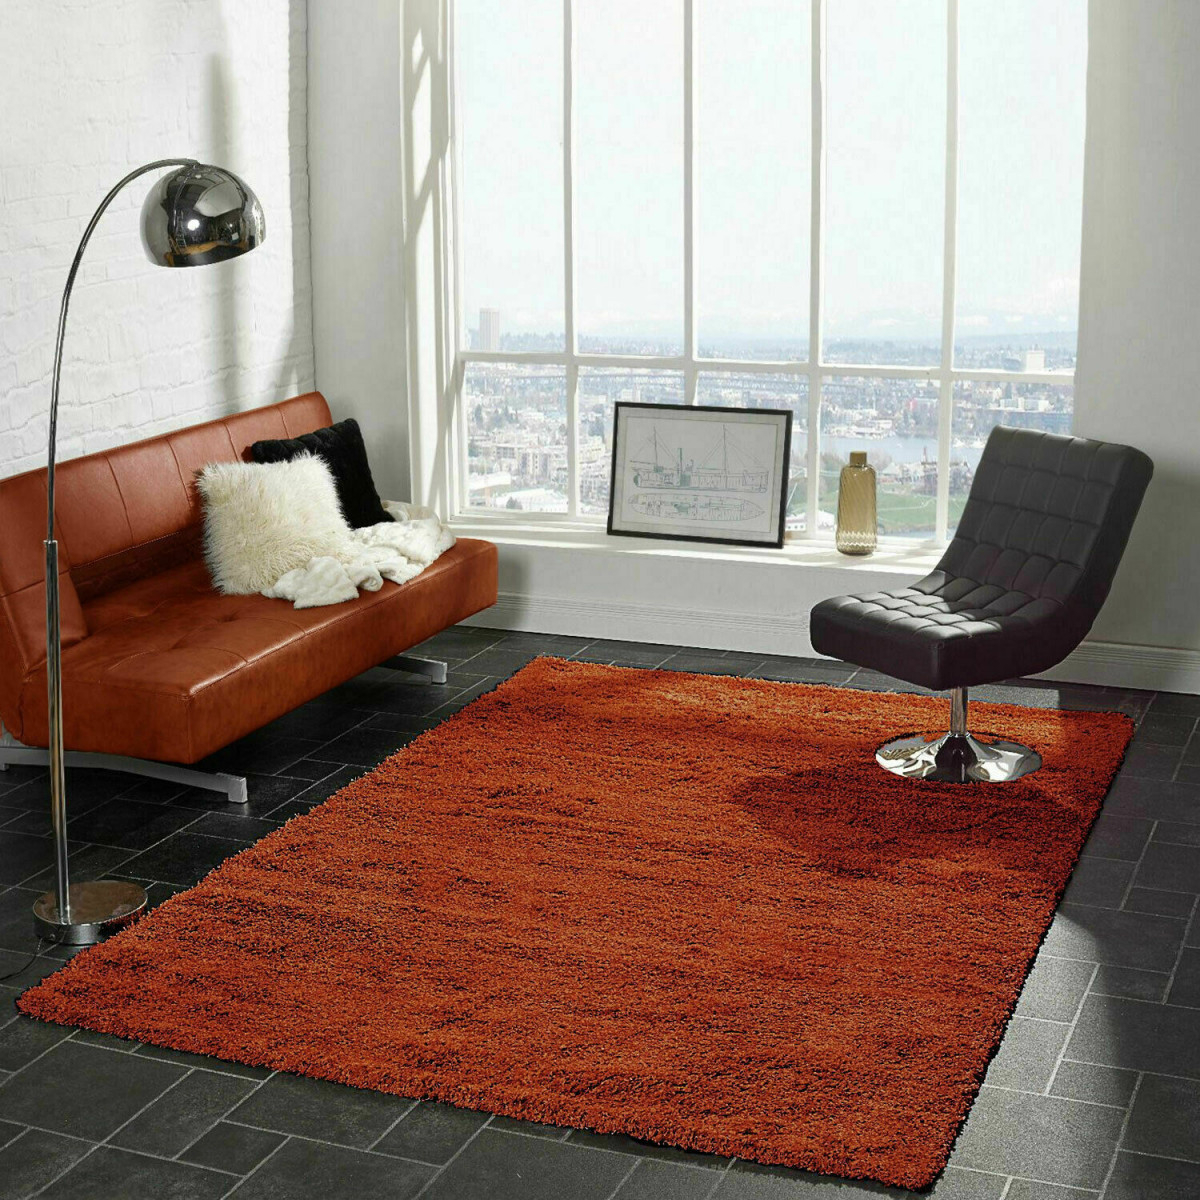 Wohnzimmer Teppich Rund Modern – Caseconrad von Teppich Rund Wohnzimmer Photo